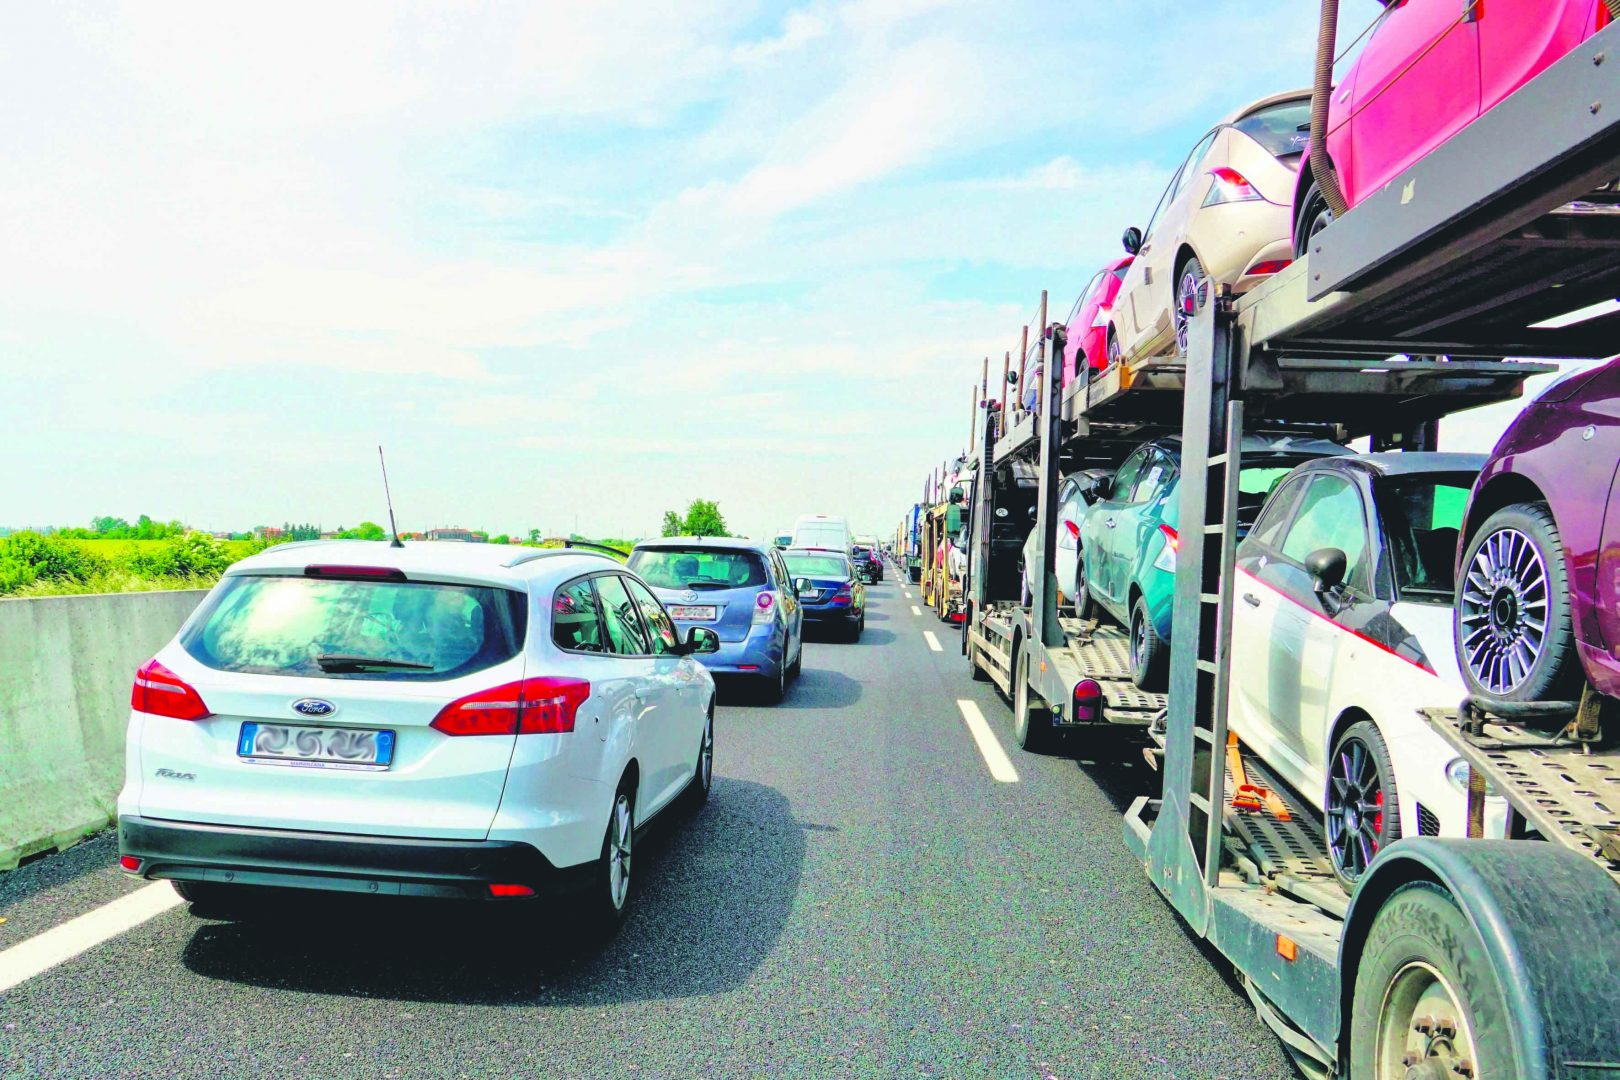 Postupak pri zastojima na autocesti